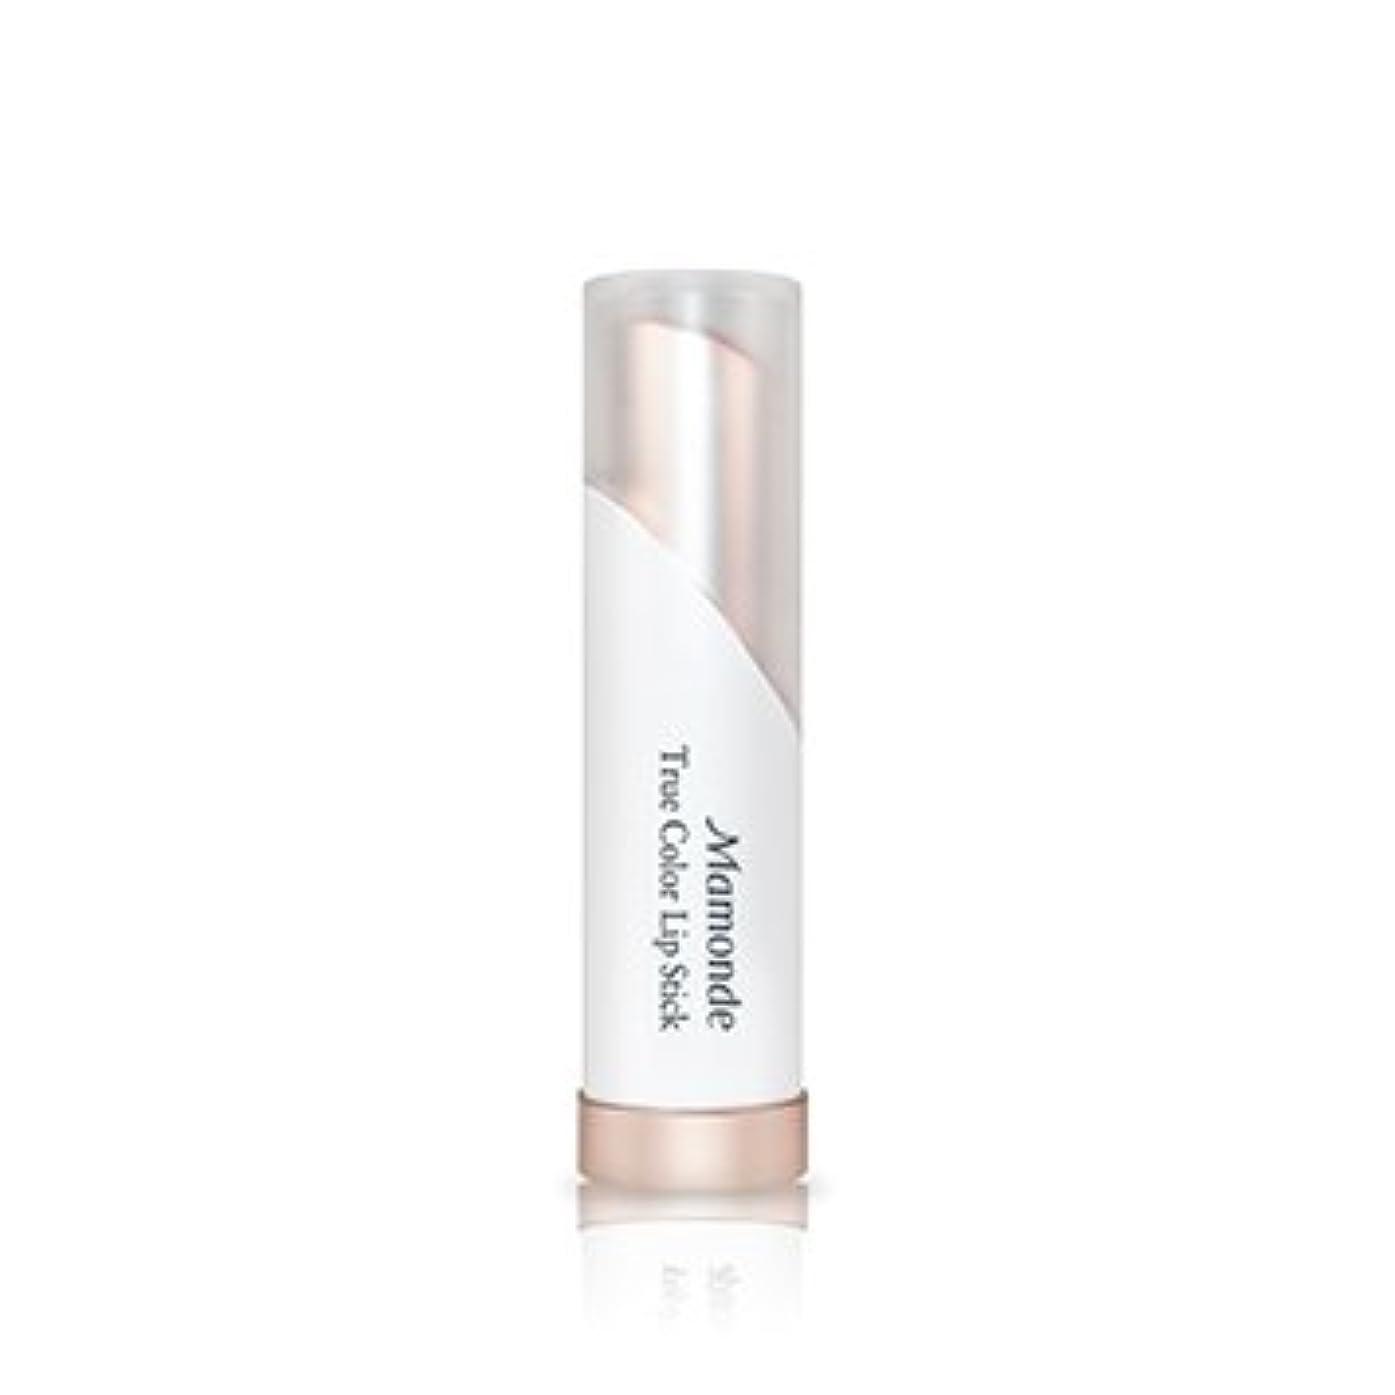 サラミ勇気のある出費[New] Mamonde True Color Lip Stick 3.5g/マモンド トゥルー カラー リップスティック 3.5g (#11 Happiness) [並行輸入品]